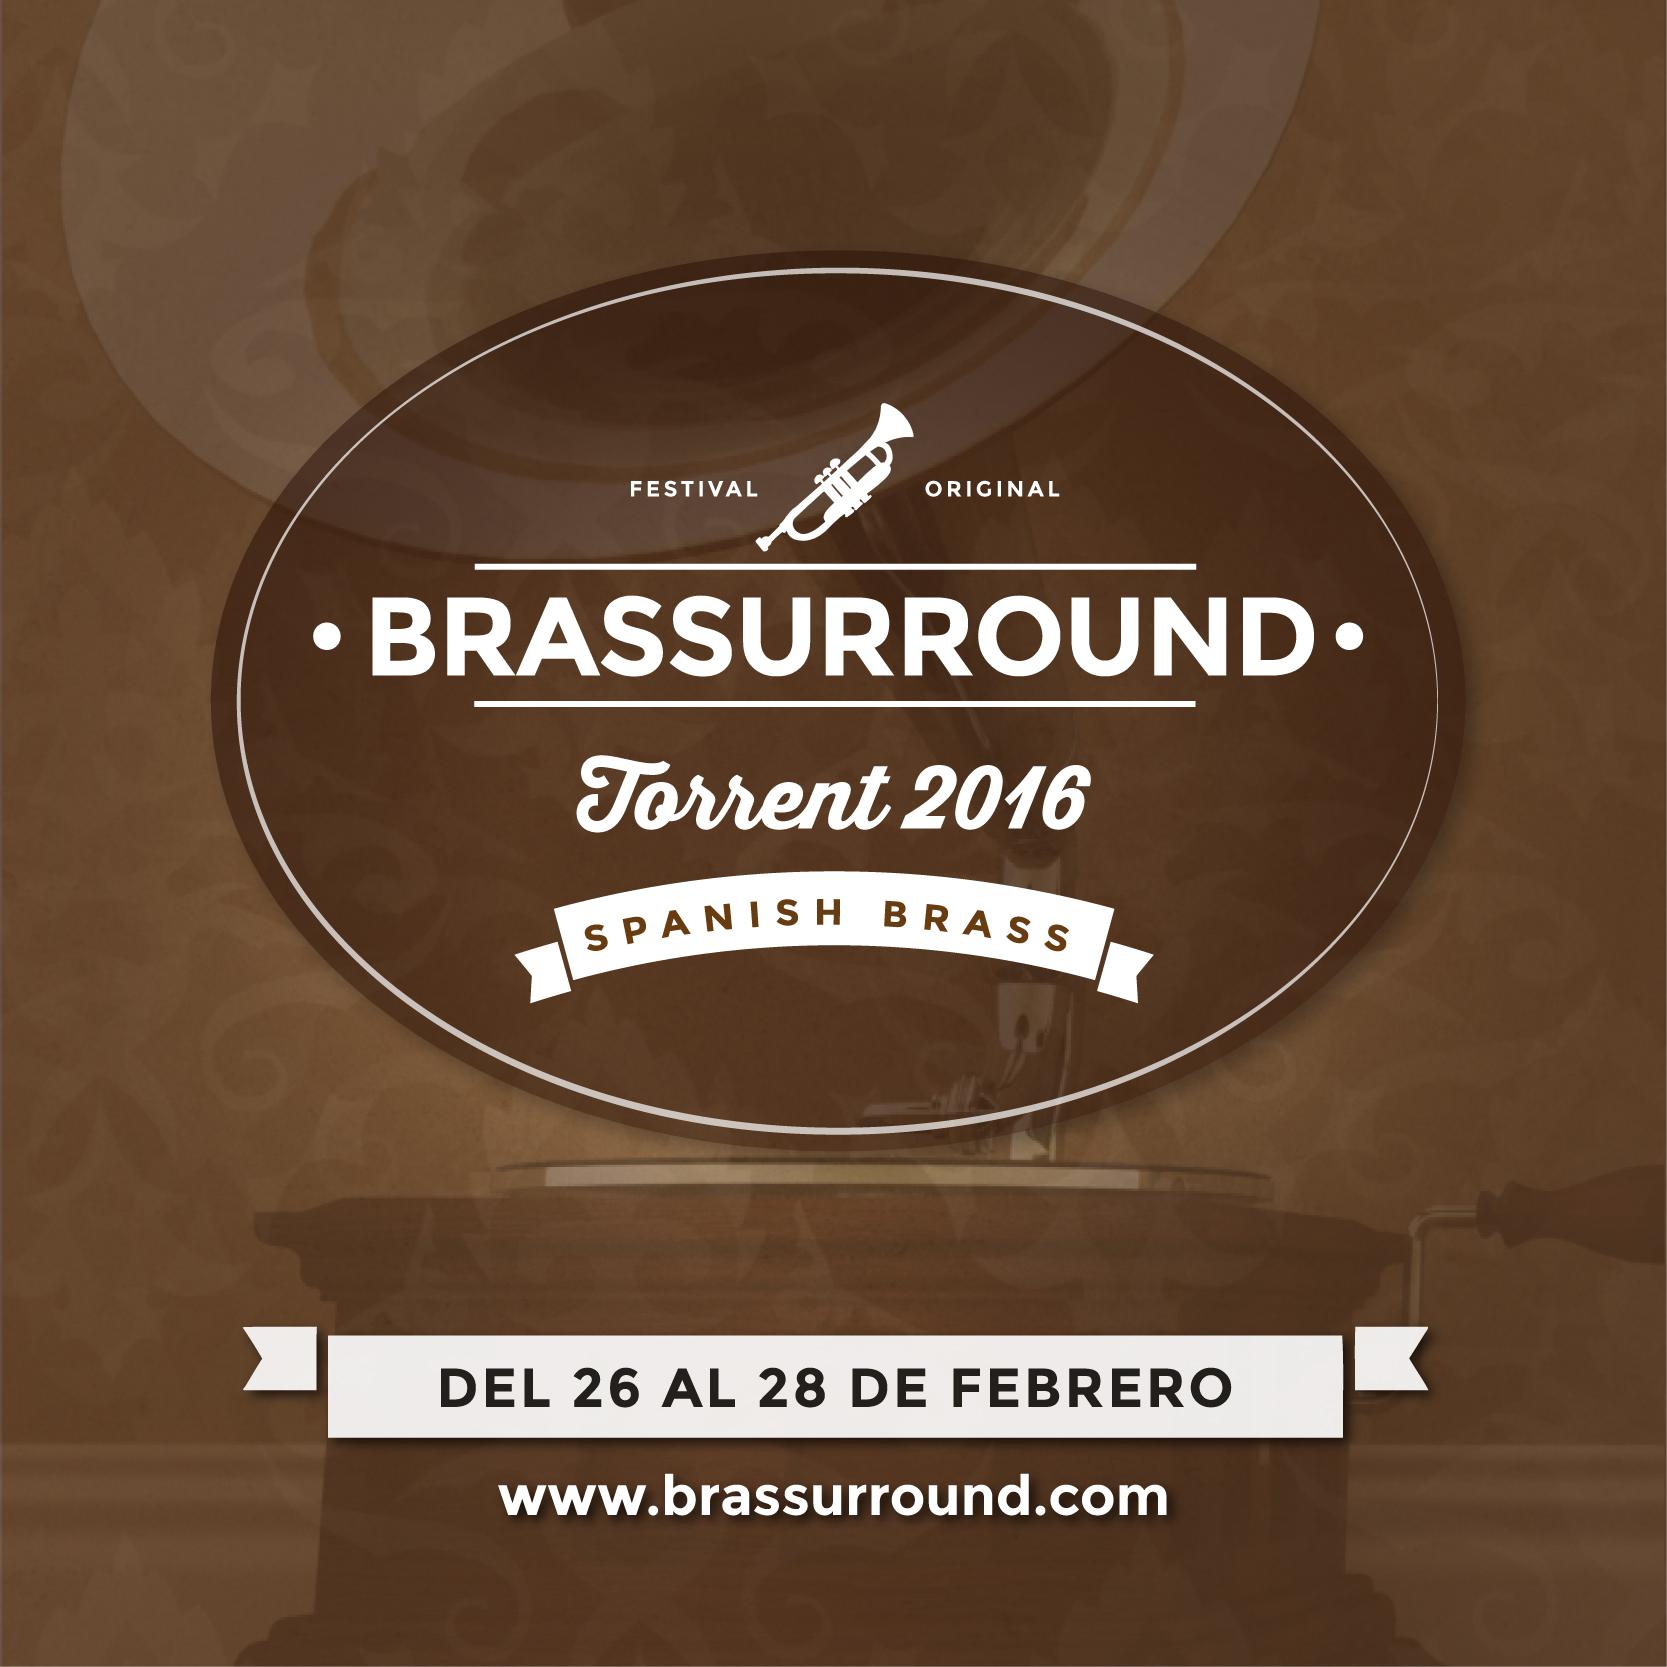 nuevos banners brassurround 2016-15